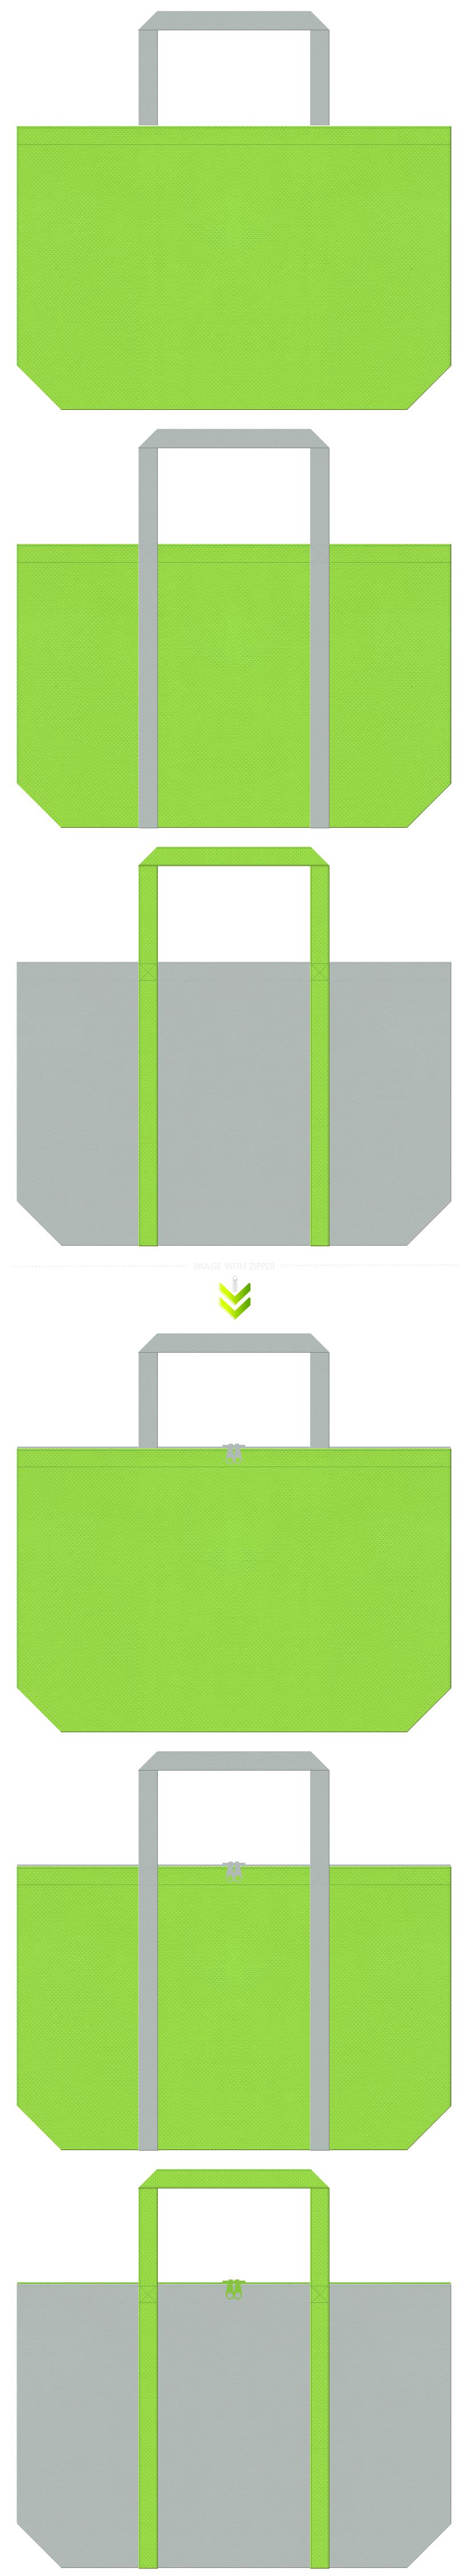 緑化ブロック・CO2削減・屋上緑化・壁面緑化・建築・設計・エクステリアの展示会用バッグにお奨めの不織布バッグデザイン:黄緑色とグレー色のコーデ